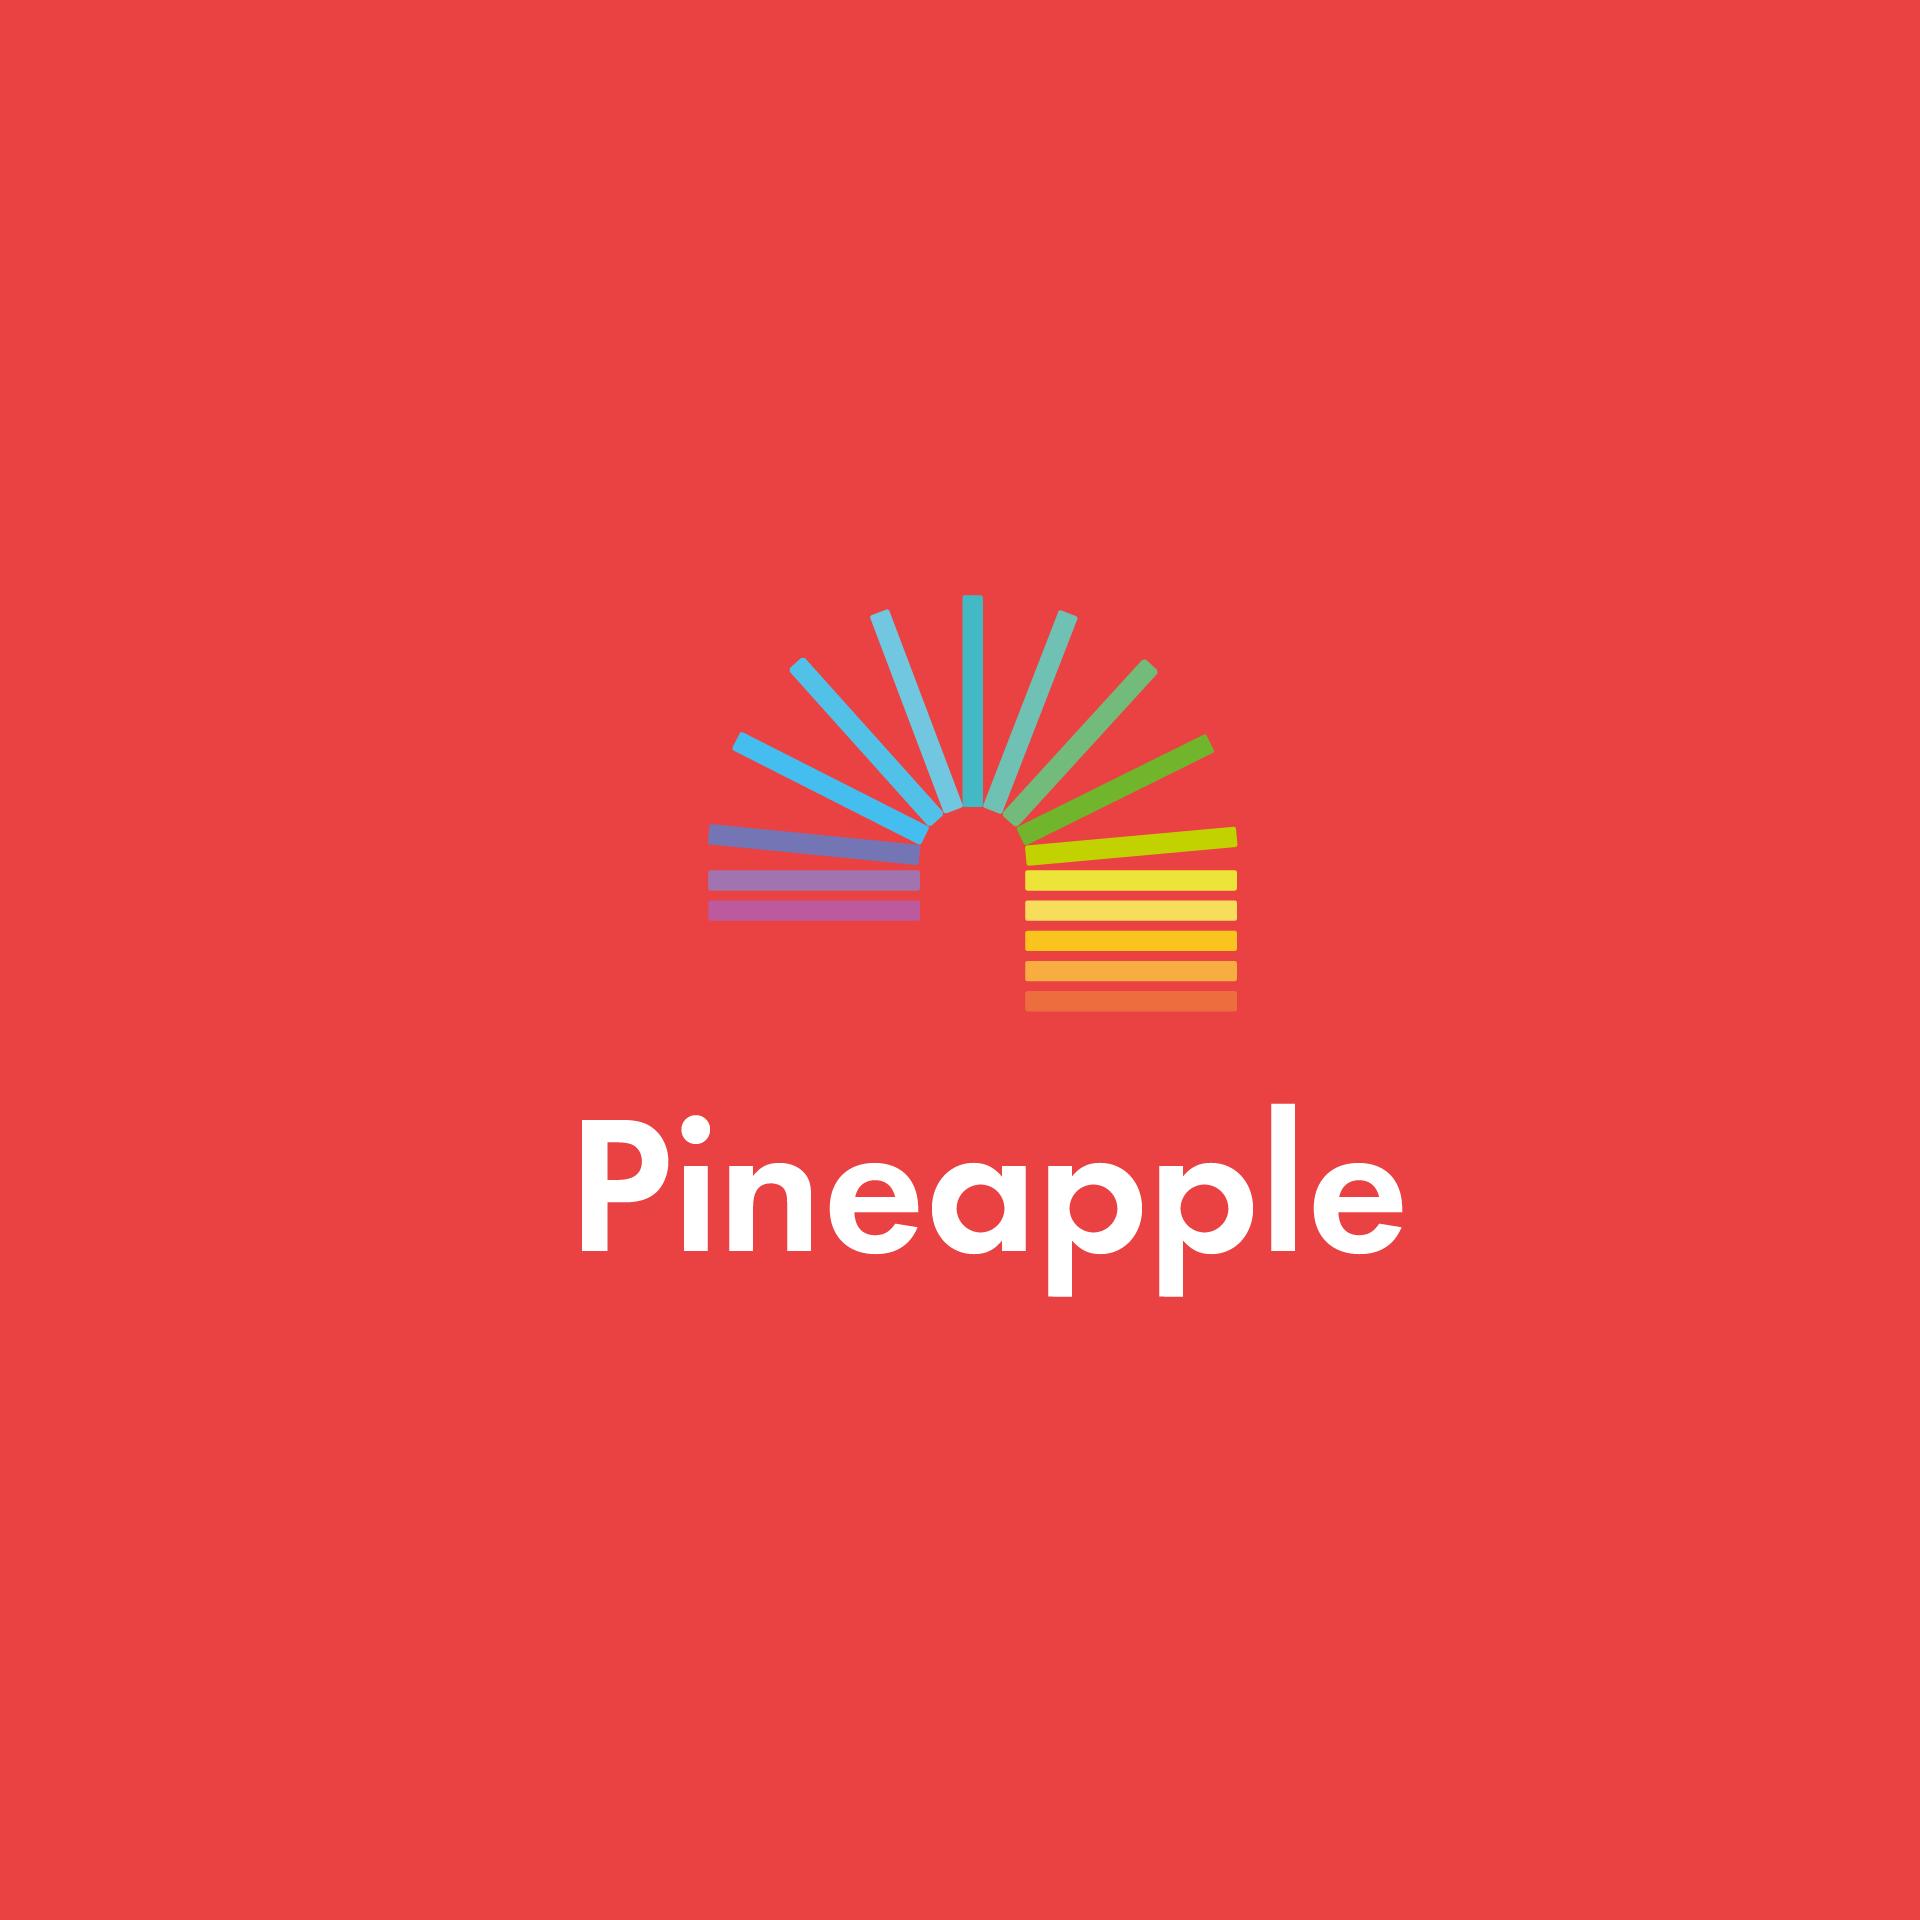 Pineapple-Branding